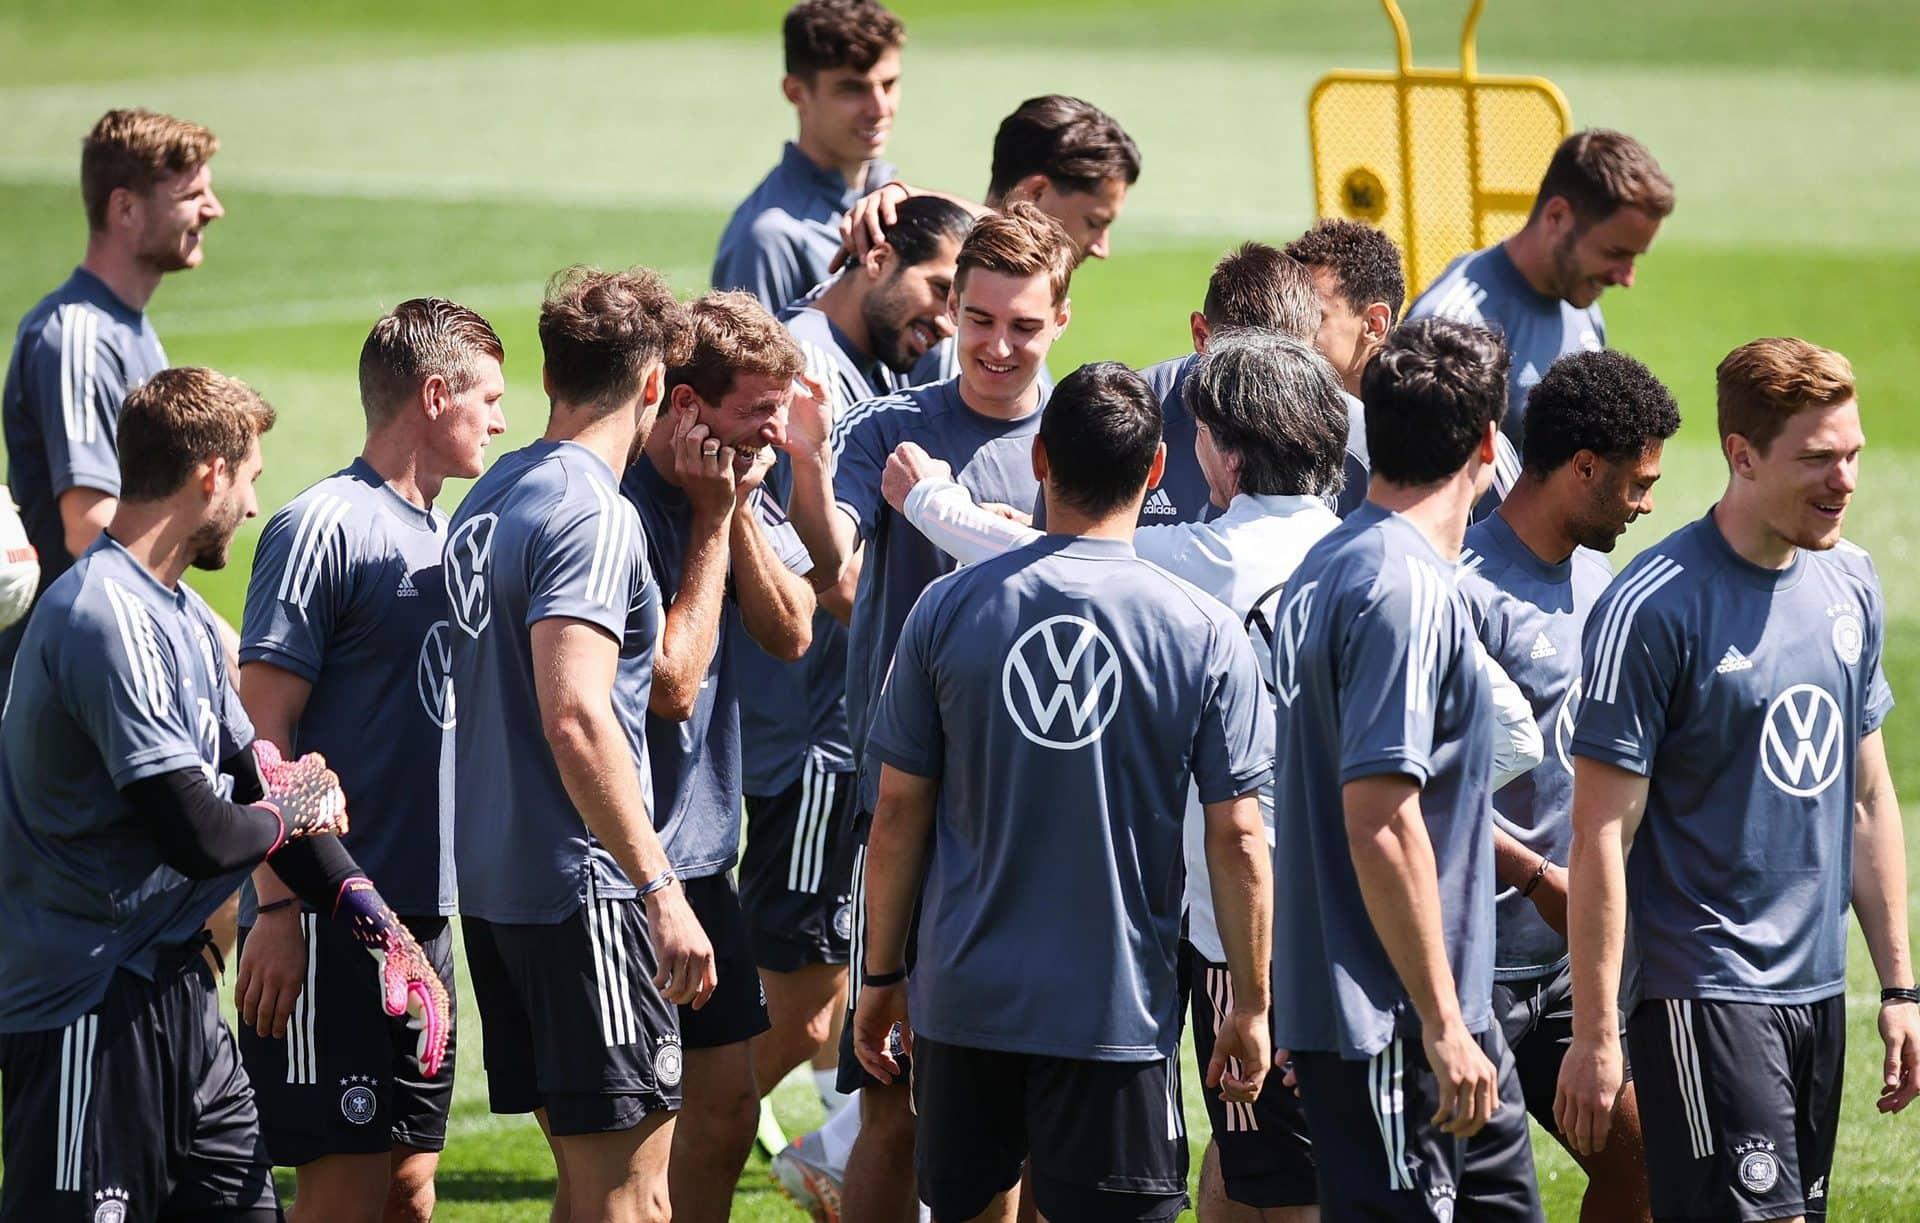 Neuer, Müller und Kroos vor Einsatz bei 6. Fußball-Turnier Nationalmannschaft